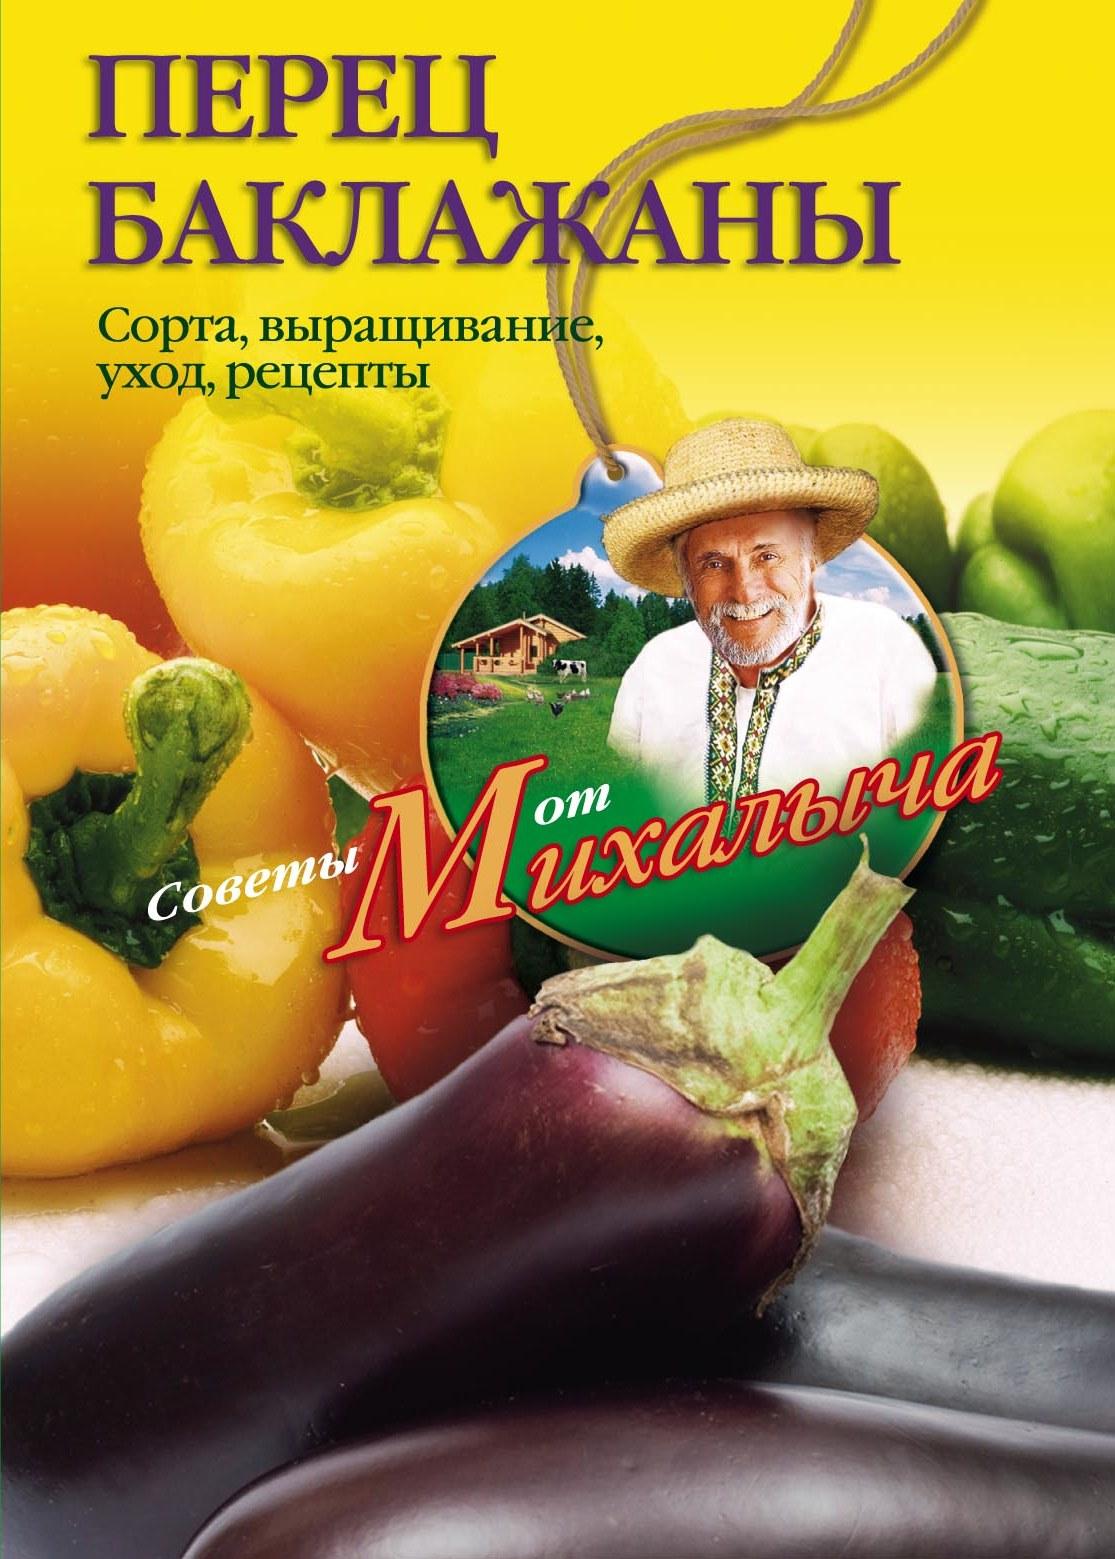 Николай Звонарев Перец, баклажаны. Сорта, выращивание, уход, рецепты николай звонарев домашнее виноделие